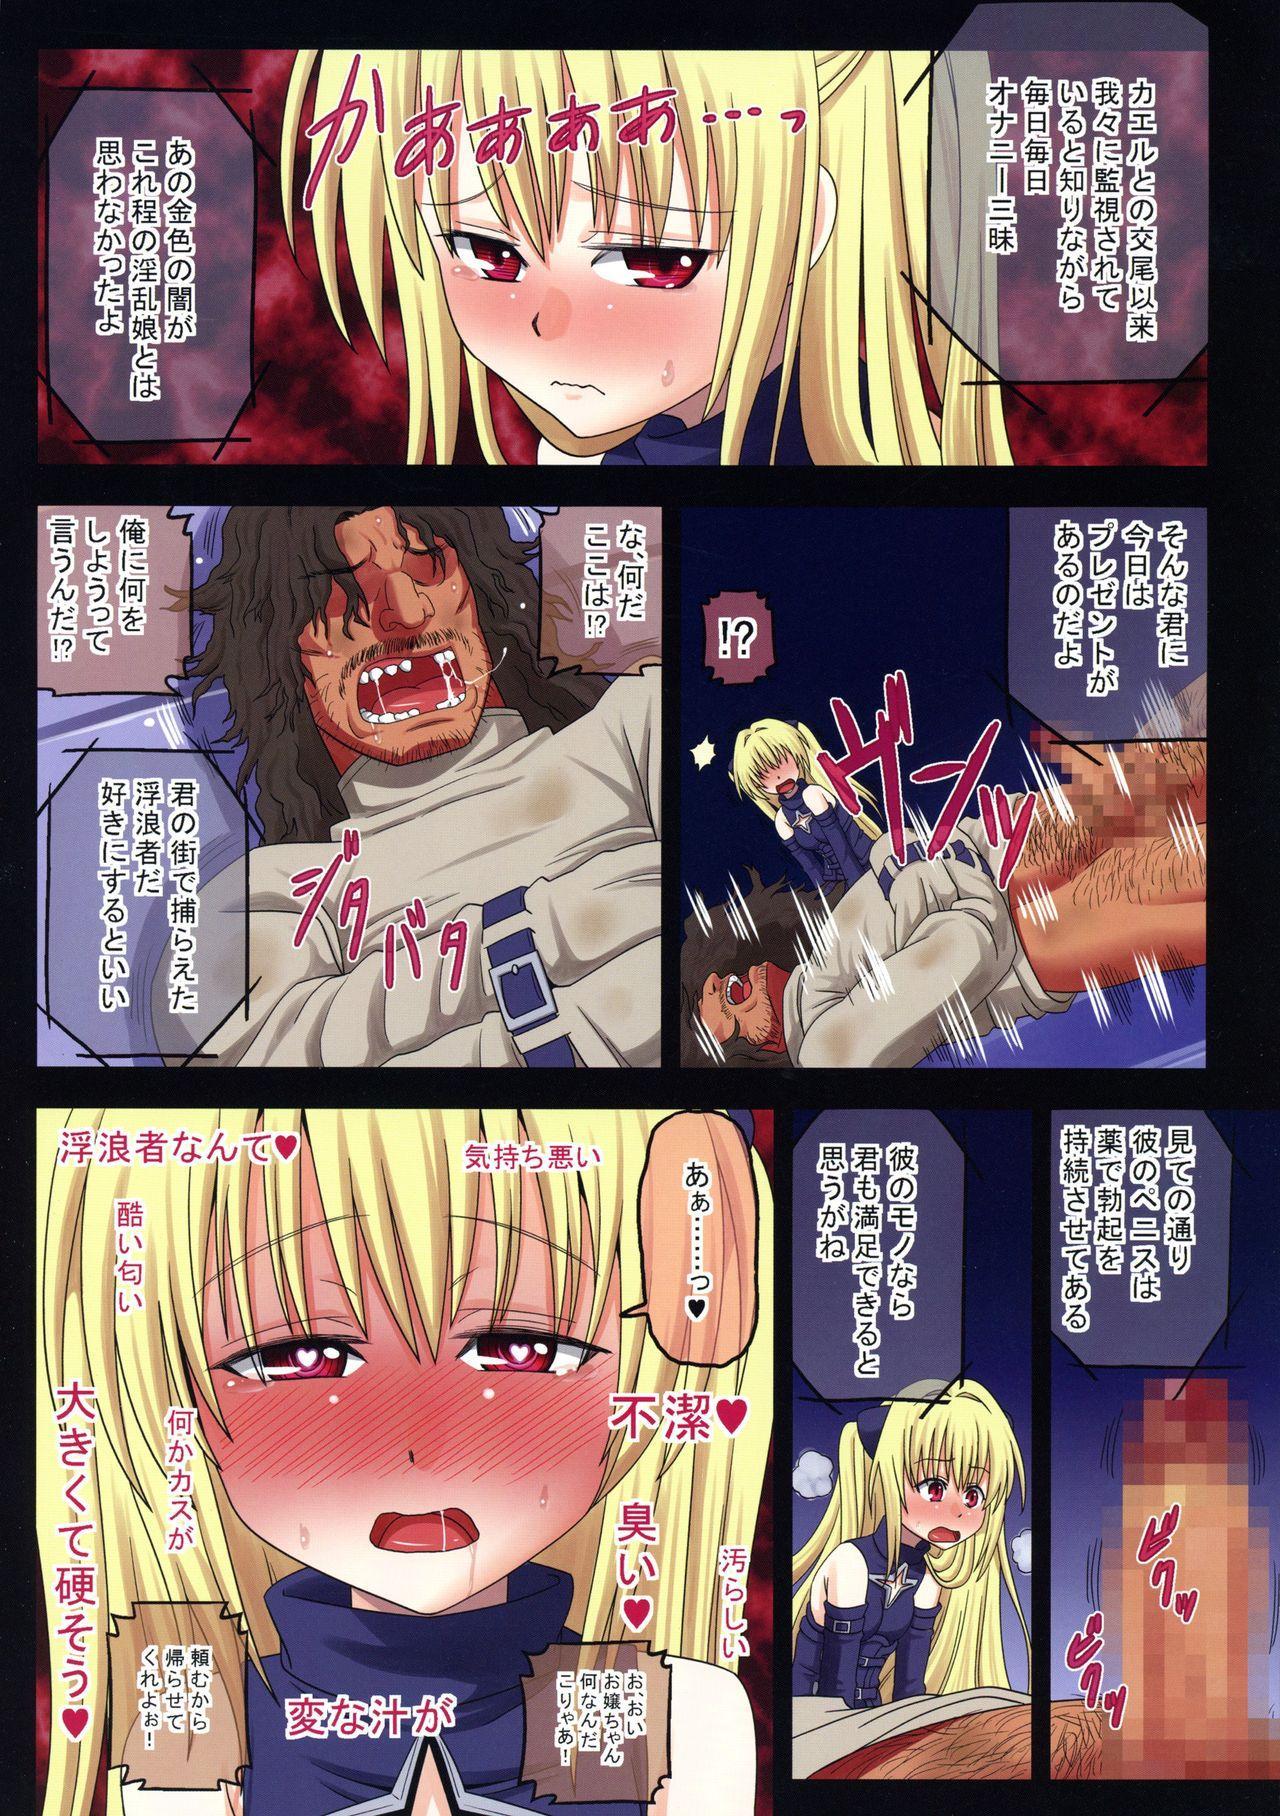 Gyaku Rape Konjiki no Yami 4